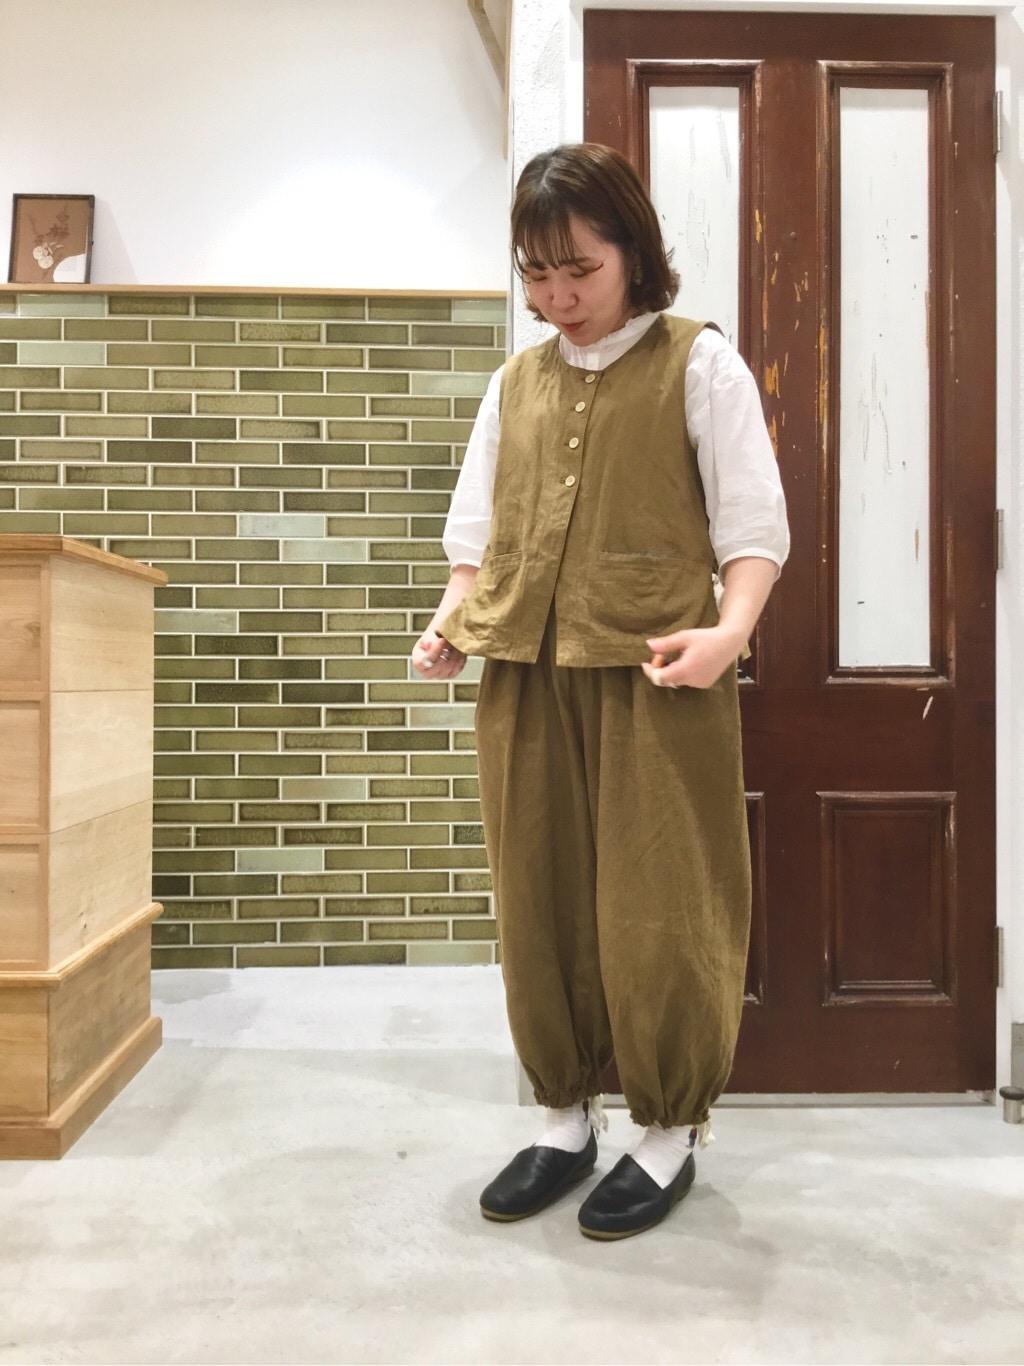 AMB SHOP chambre de charme FLAT AMB 名古屋栄路面 身長:155cm 2020.06.30